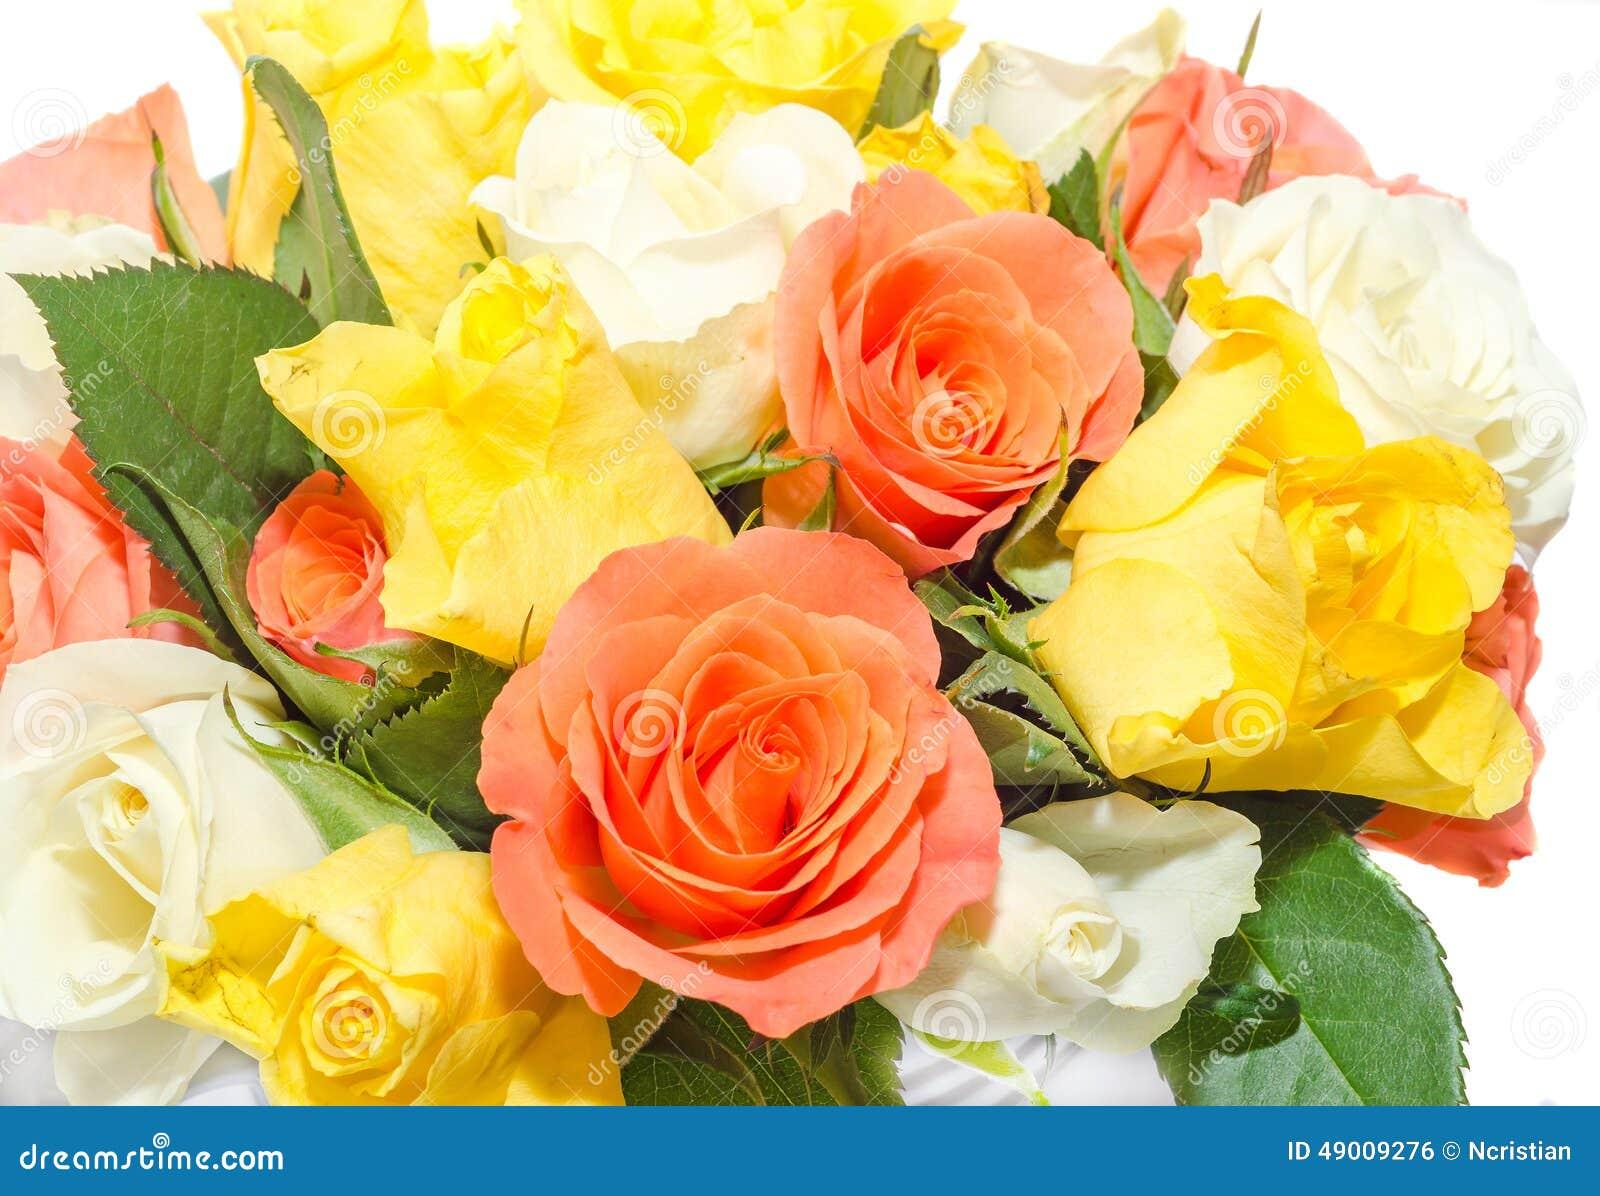 Fabuloso Arranjo De Flor De Flores Brancas E Amarelas Cor De Rosa Stock  OM28